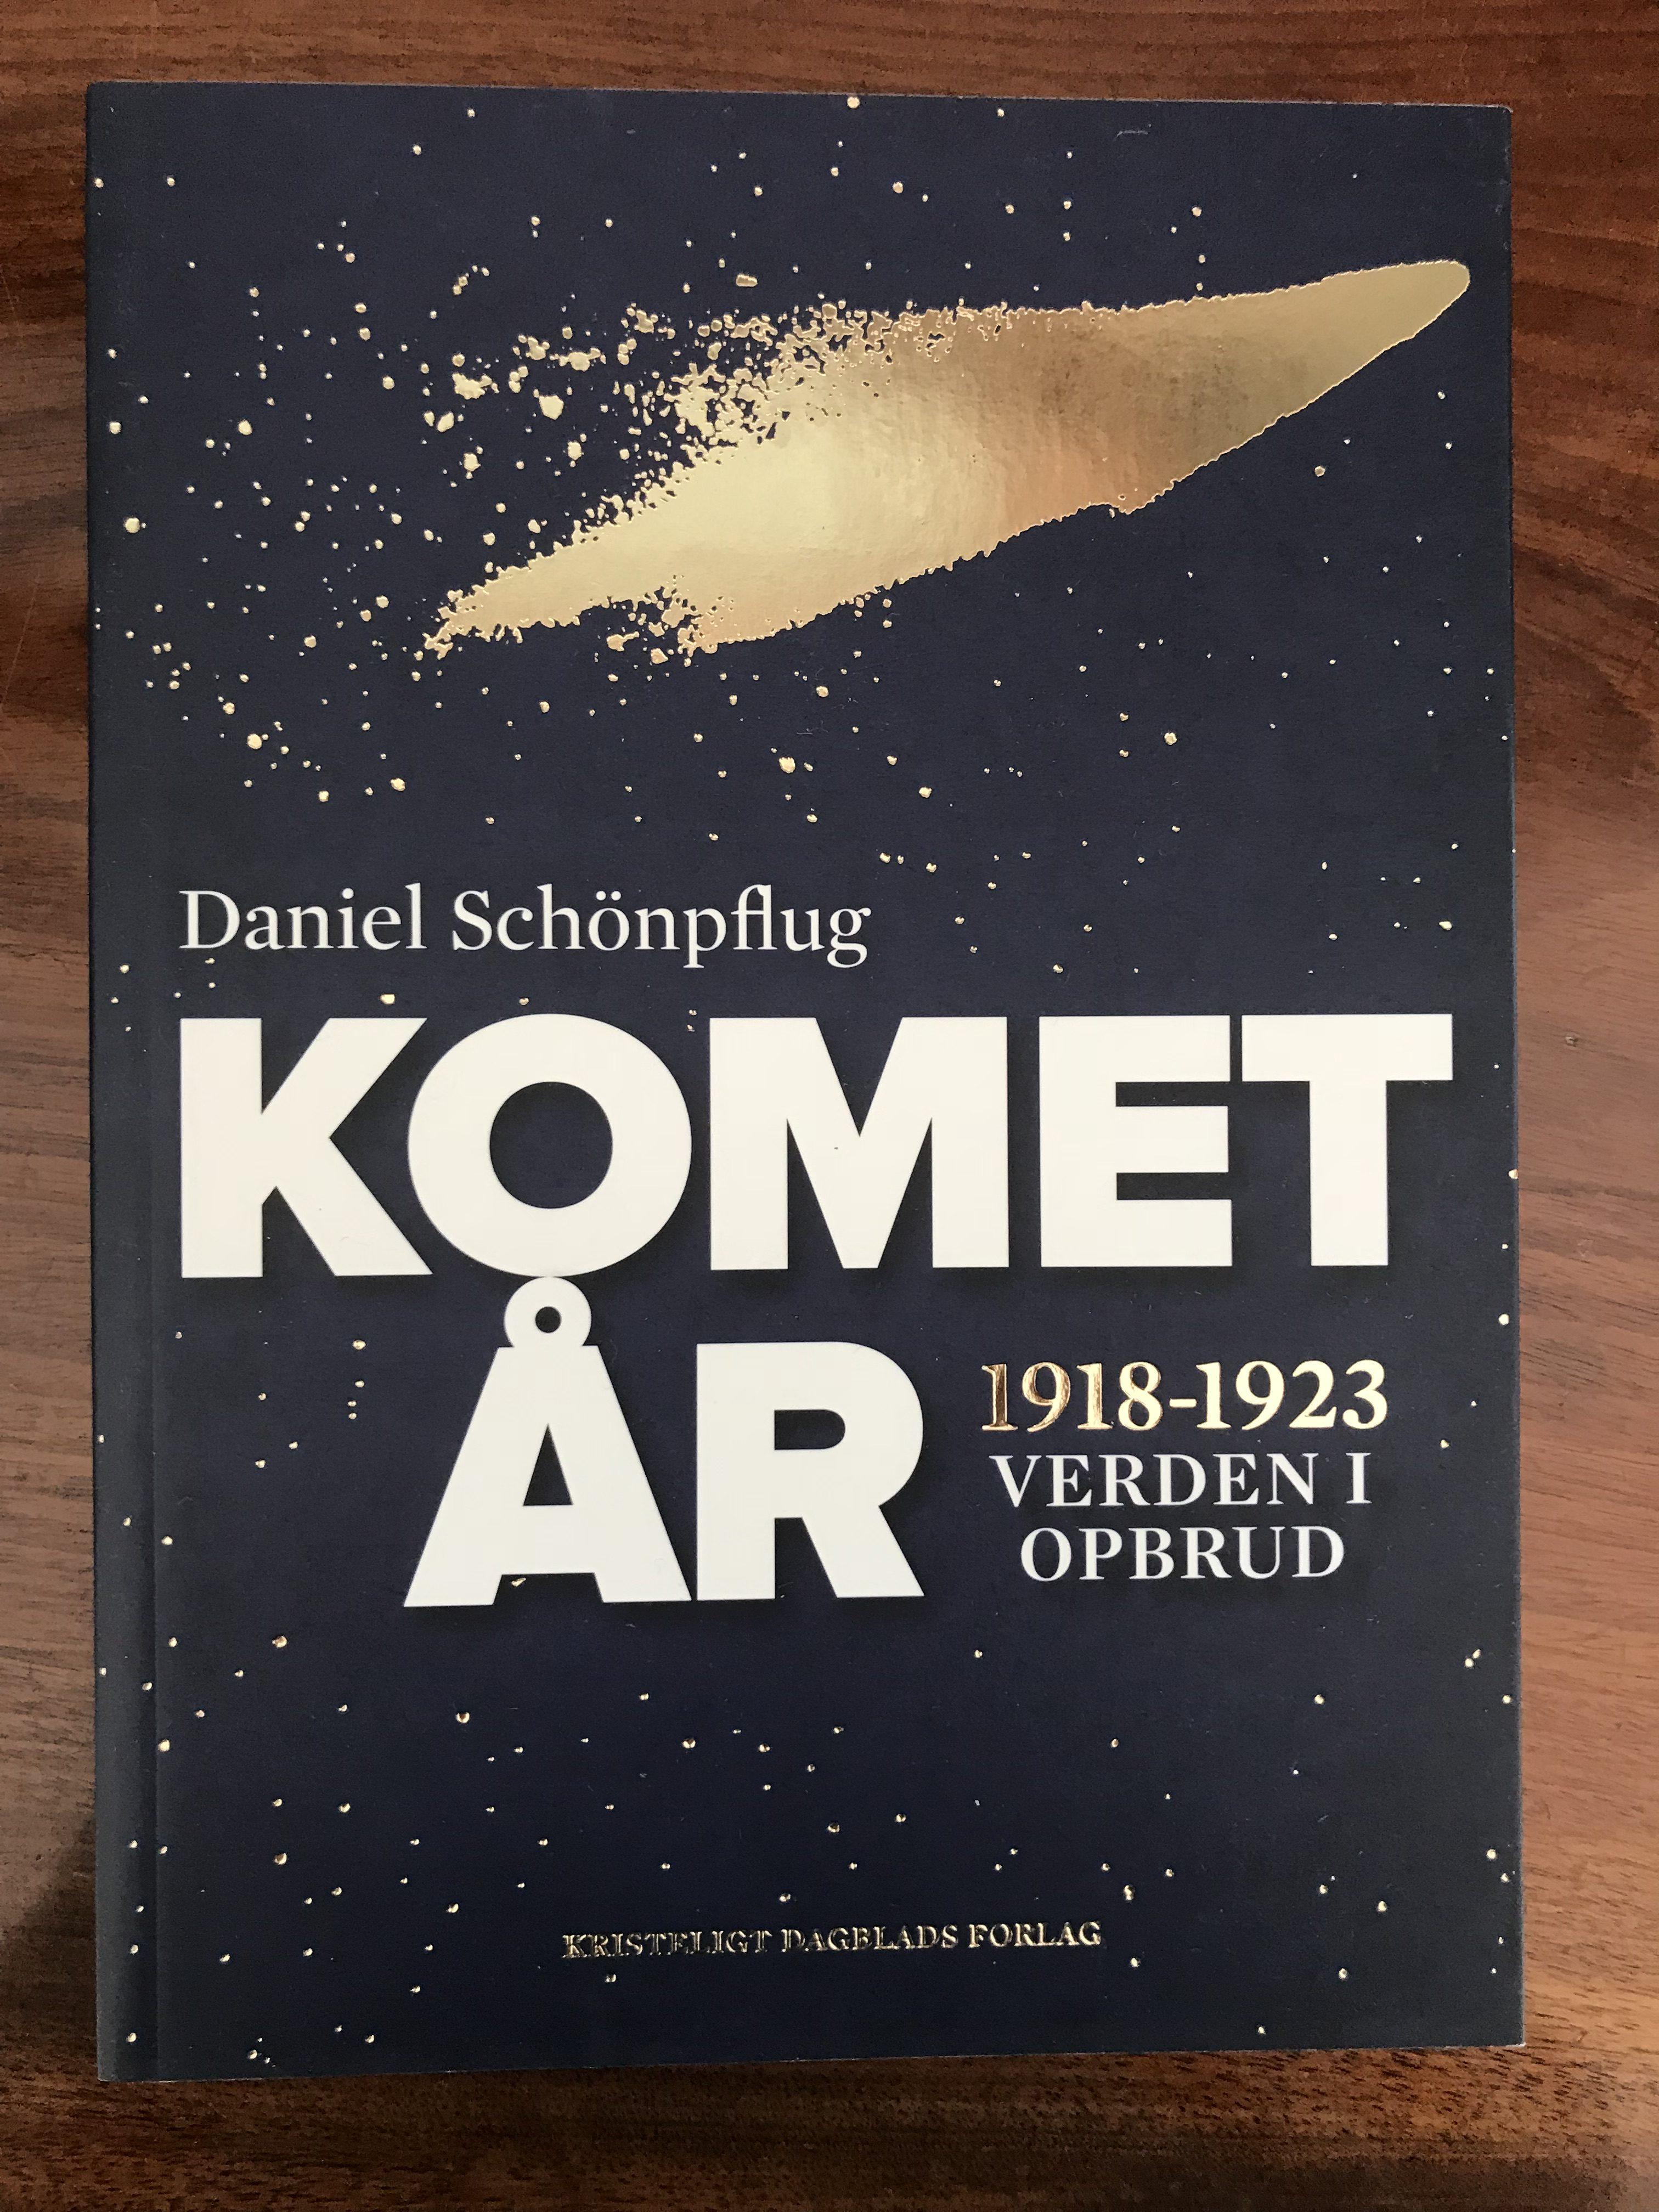 Daniel Schönpflug: Kometår. 1918-1923 Verden i opbrud